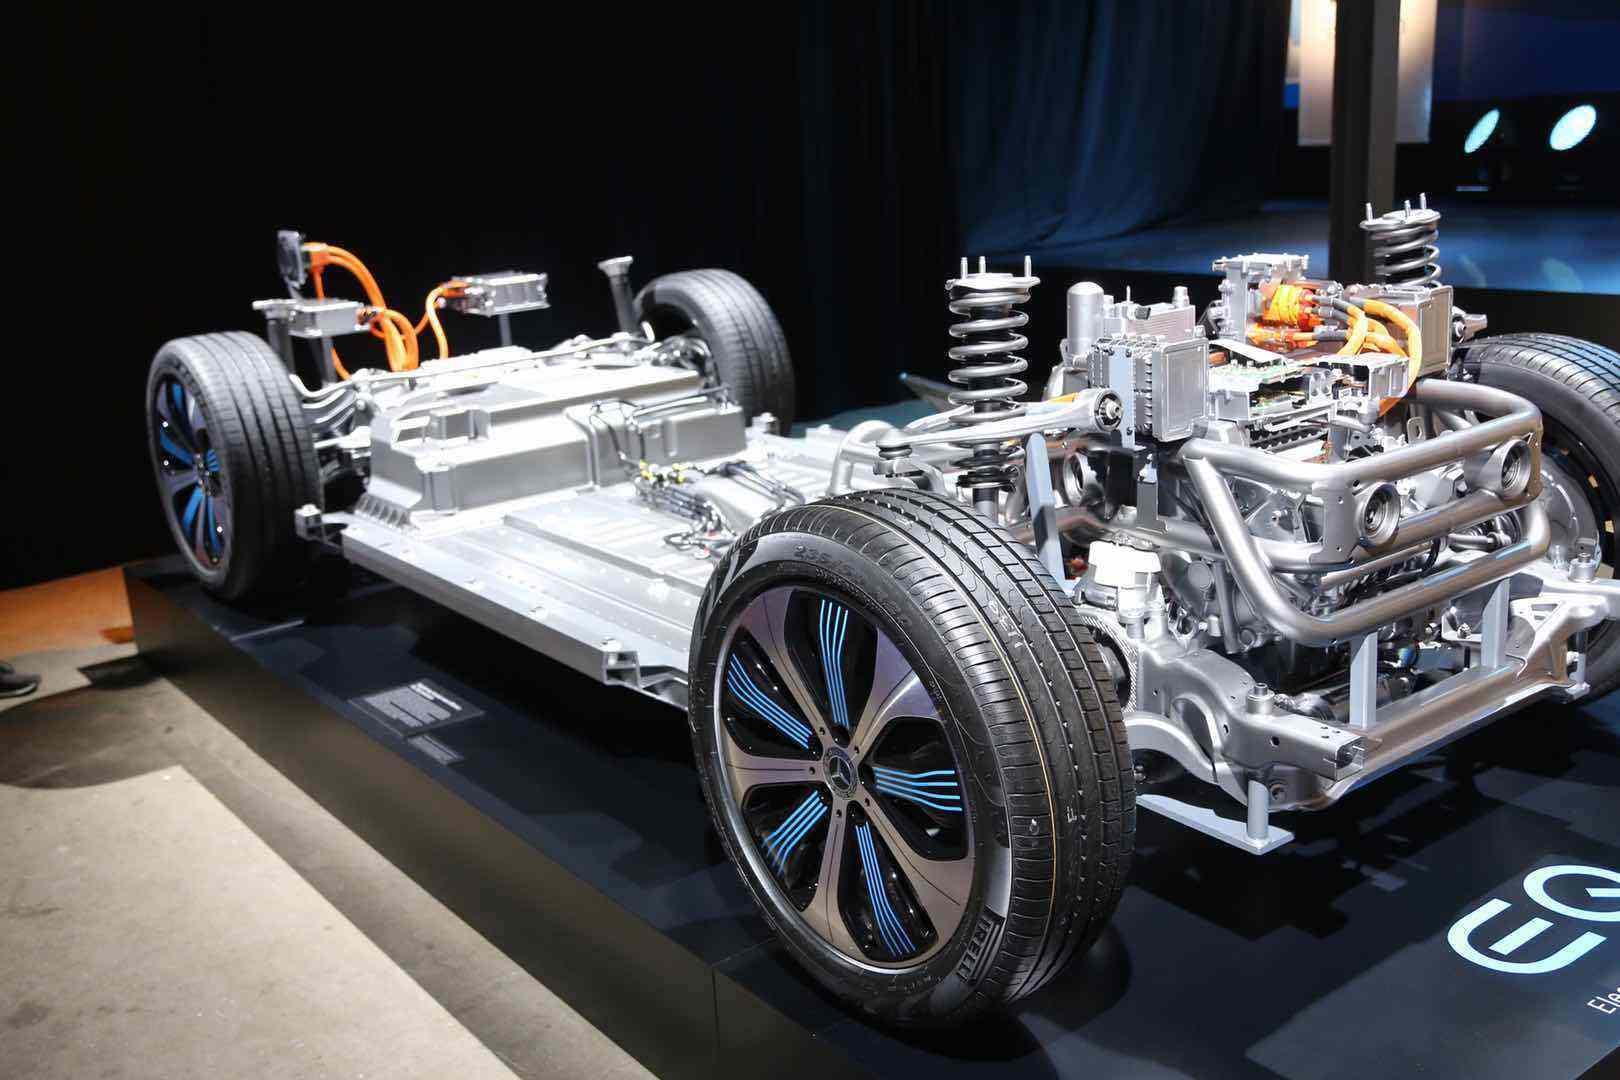 奔驰内燃机辟谣背后,曾经模糊不清的电动化时代似乎越来越清晰了